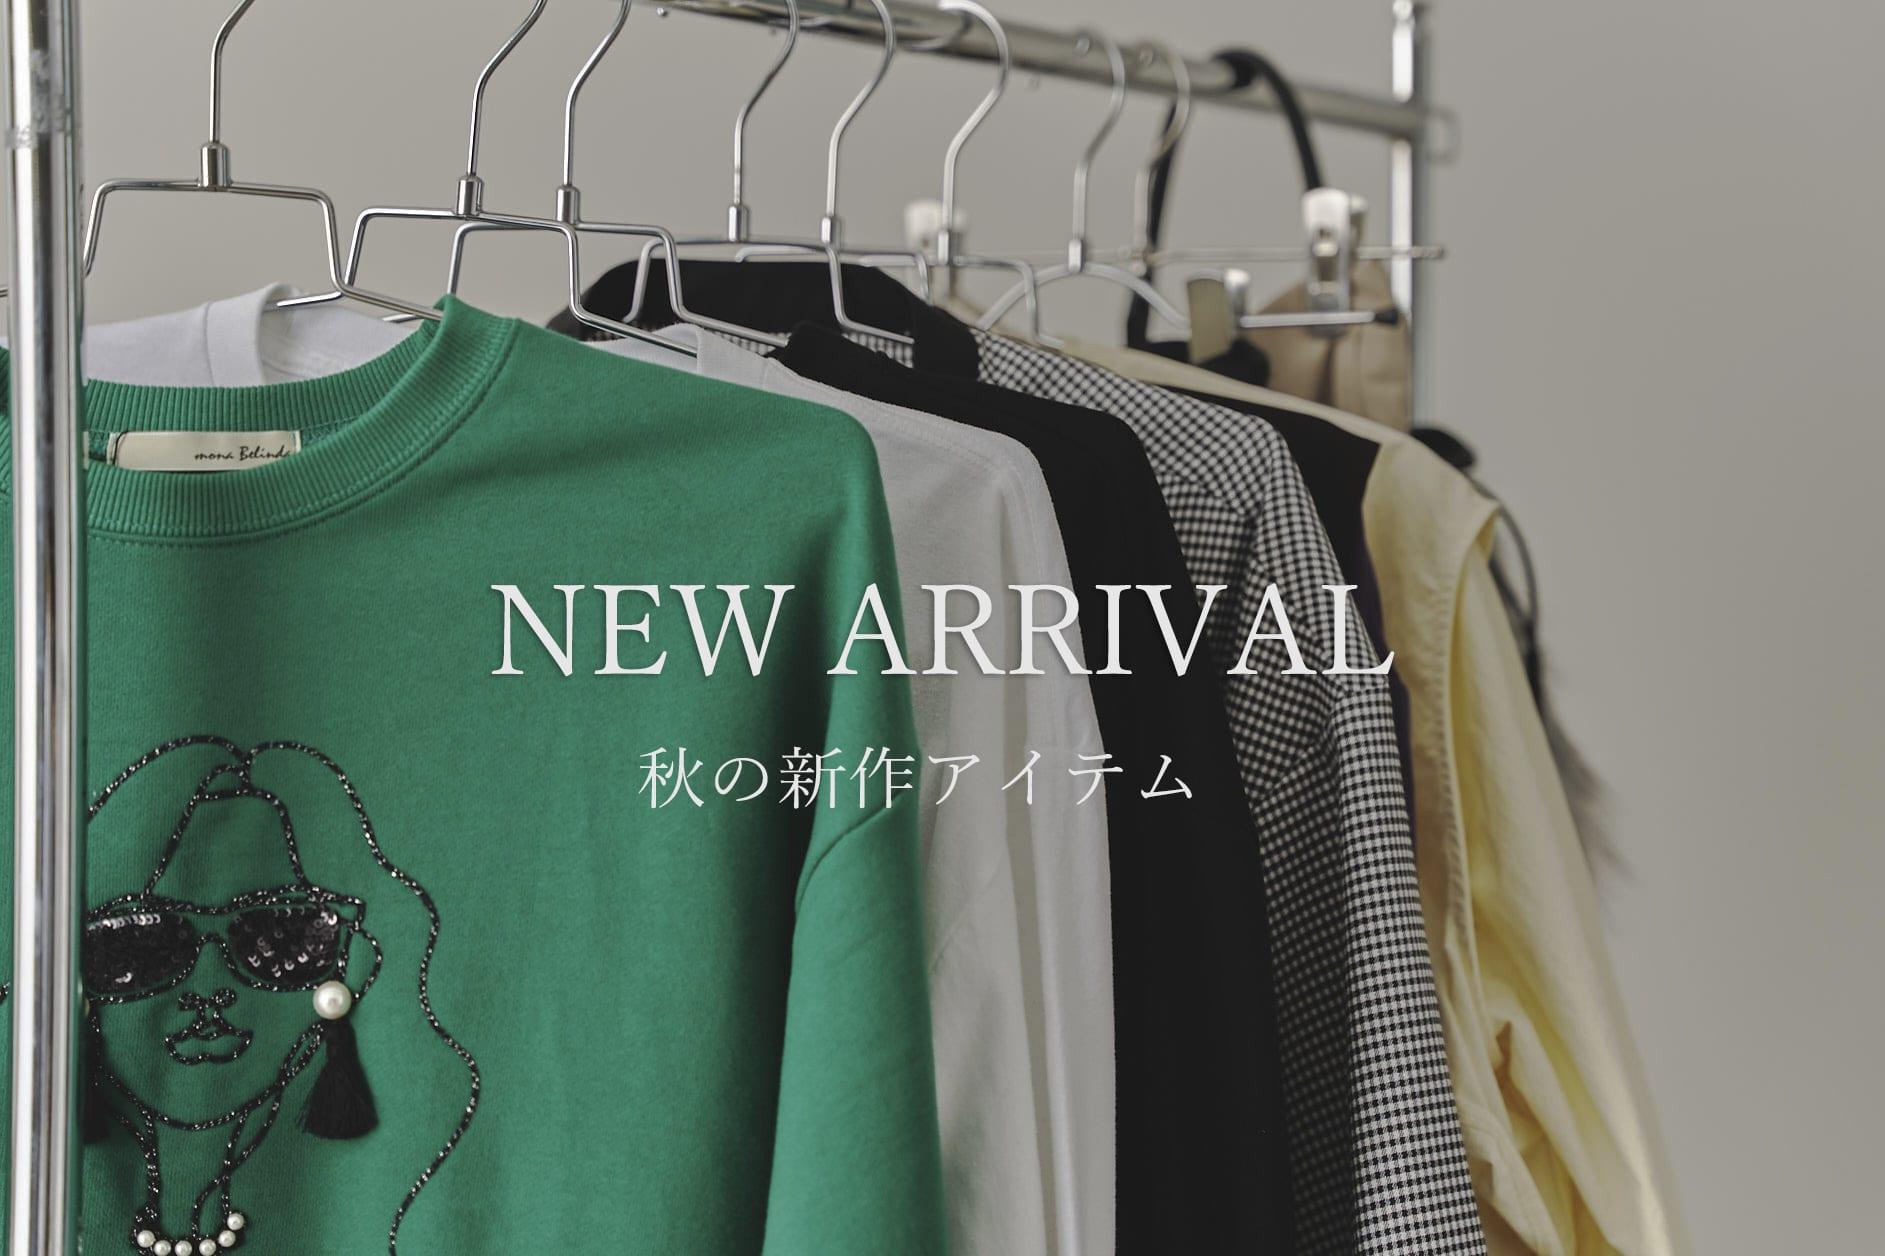 """mona Belinda """"New Arrival""""秋の新作アイテム入荷!"""